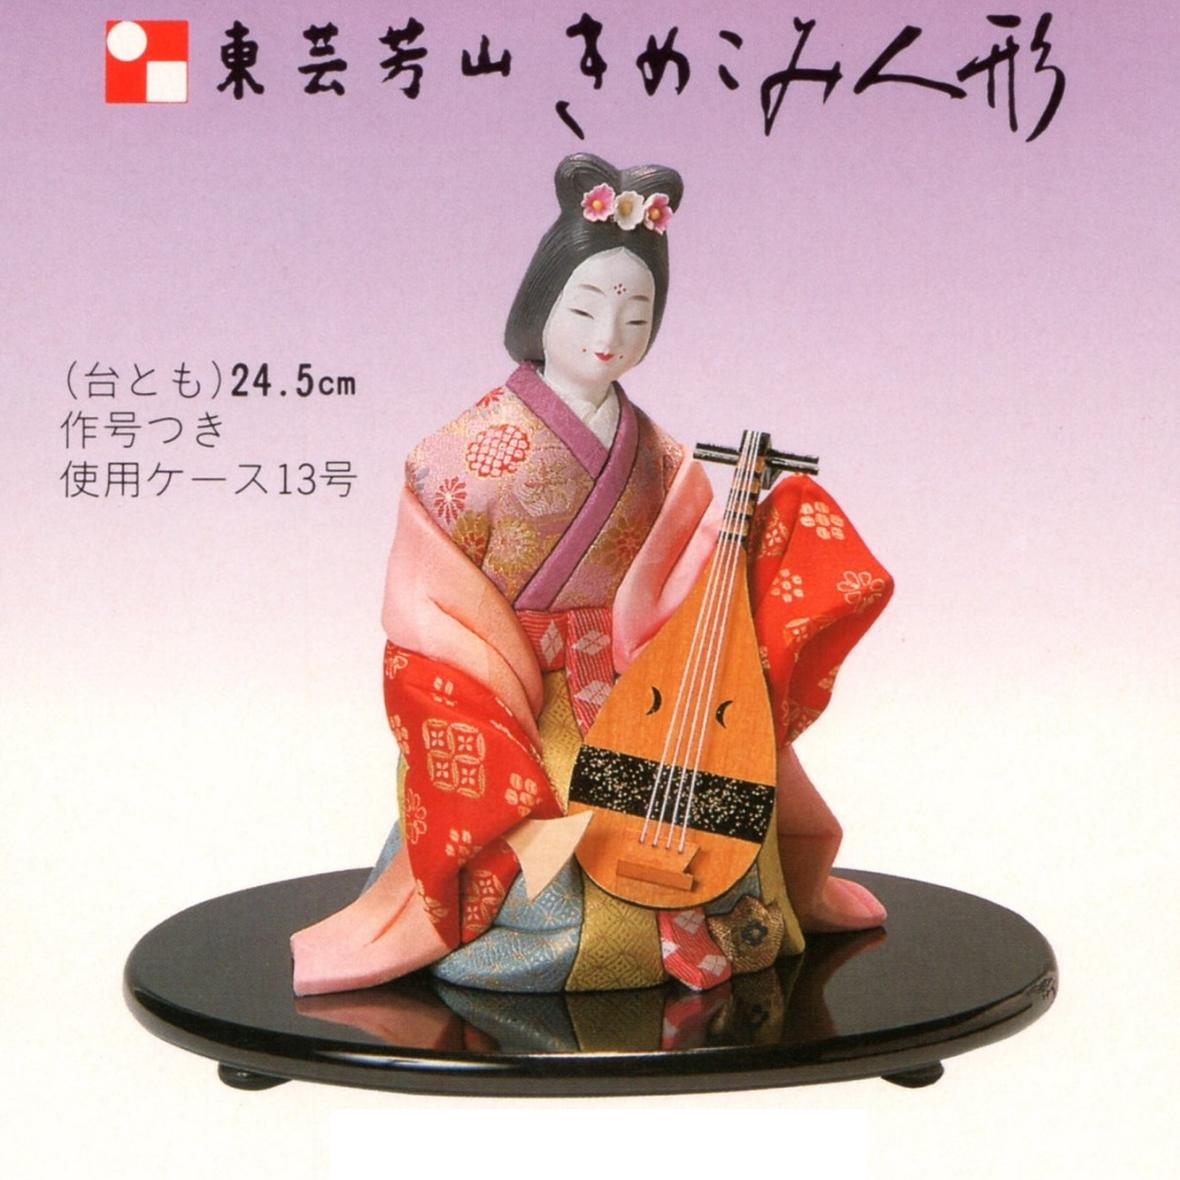 東芸 木目込人形キット「開運七福神・弁財天」 K708-13